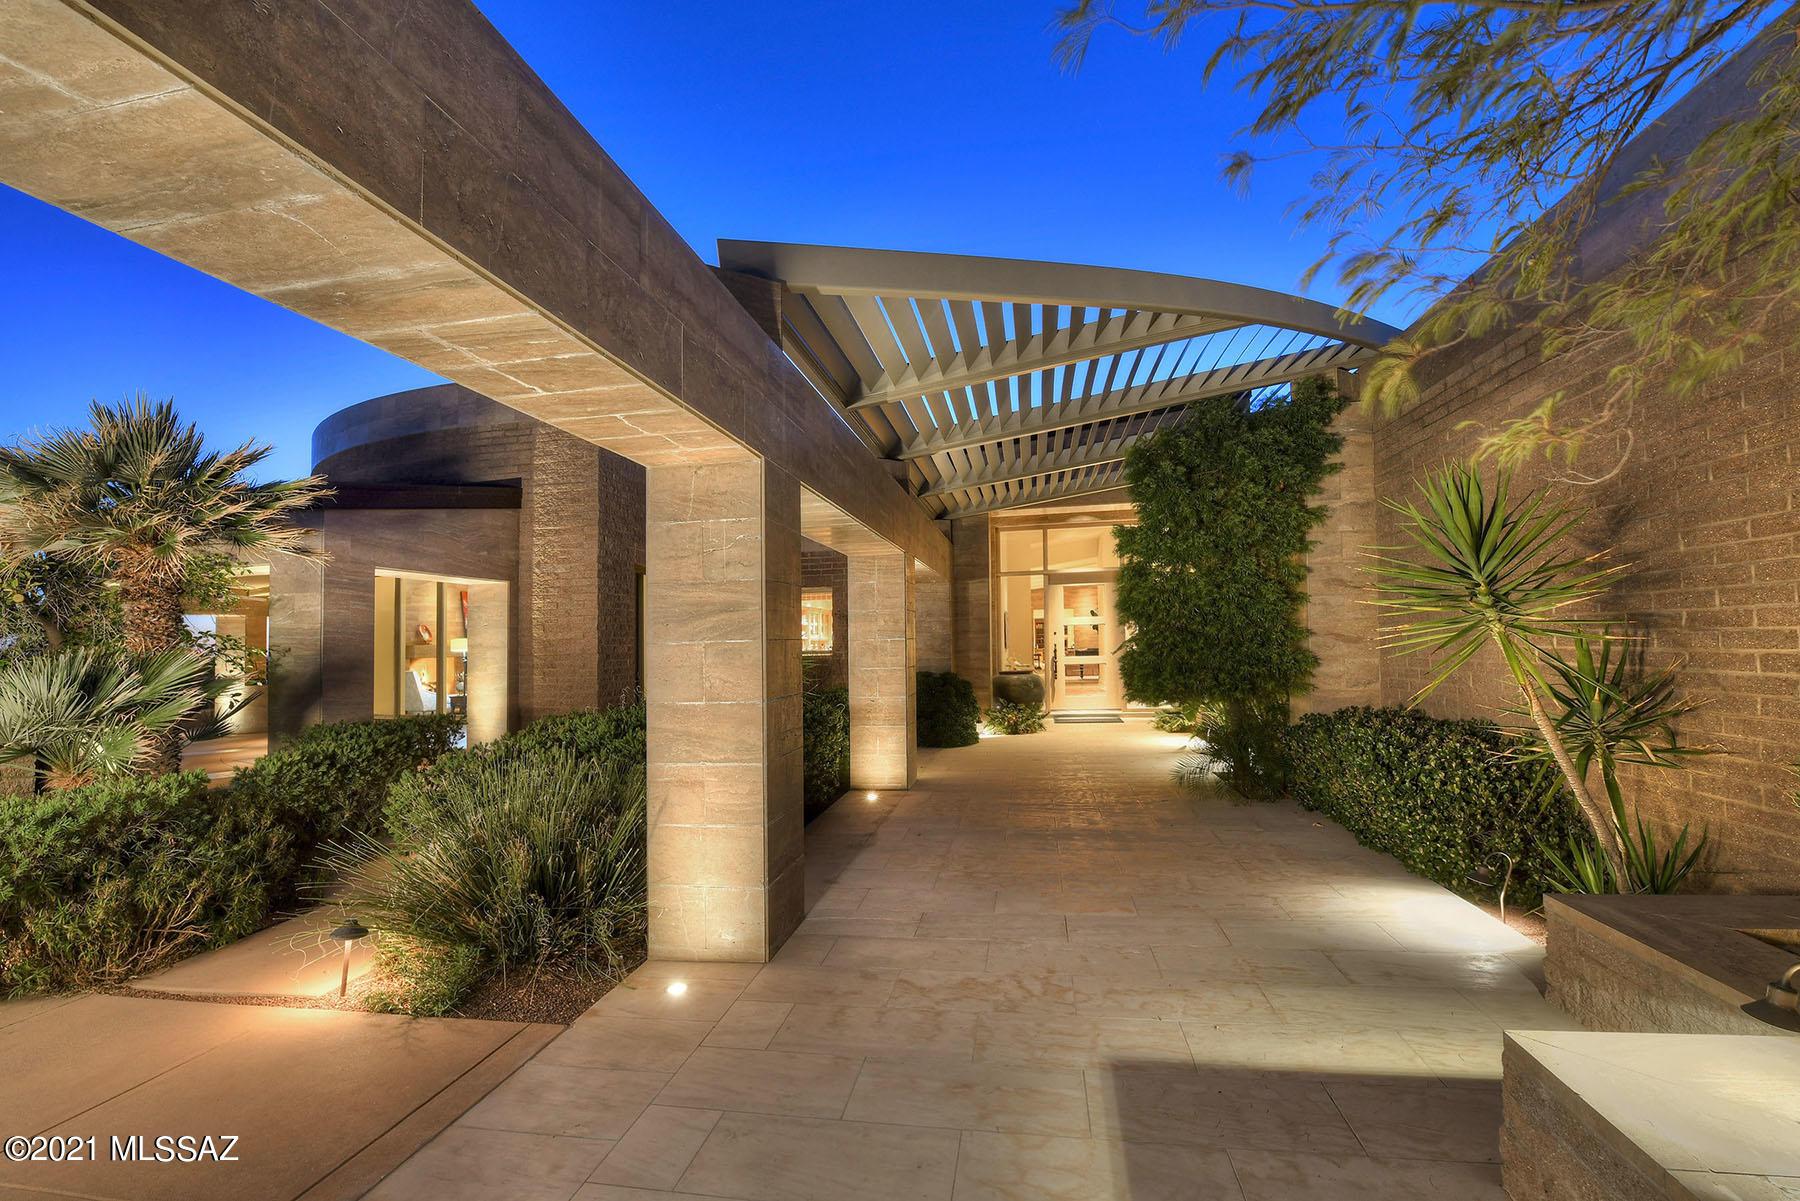 Photo of 3697 E Canyon Wind Place, Tucson, AZ 85718